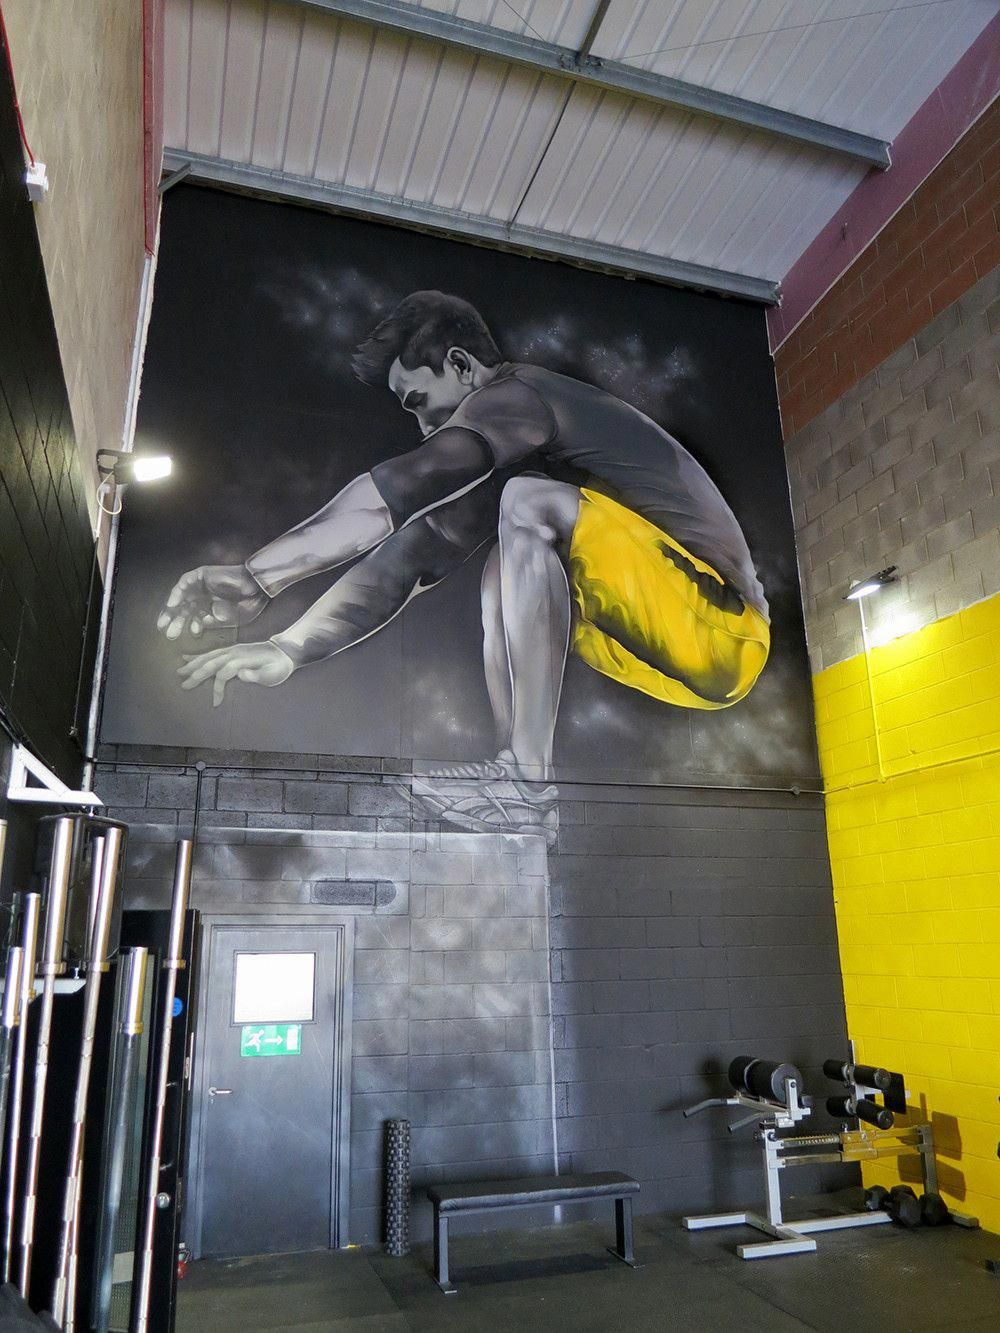 E Fitness Gym Id 6211292991 Crossfit Gym Interior Gym Mural Gym Art